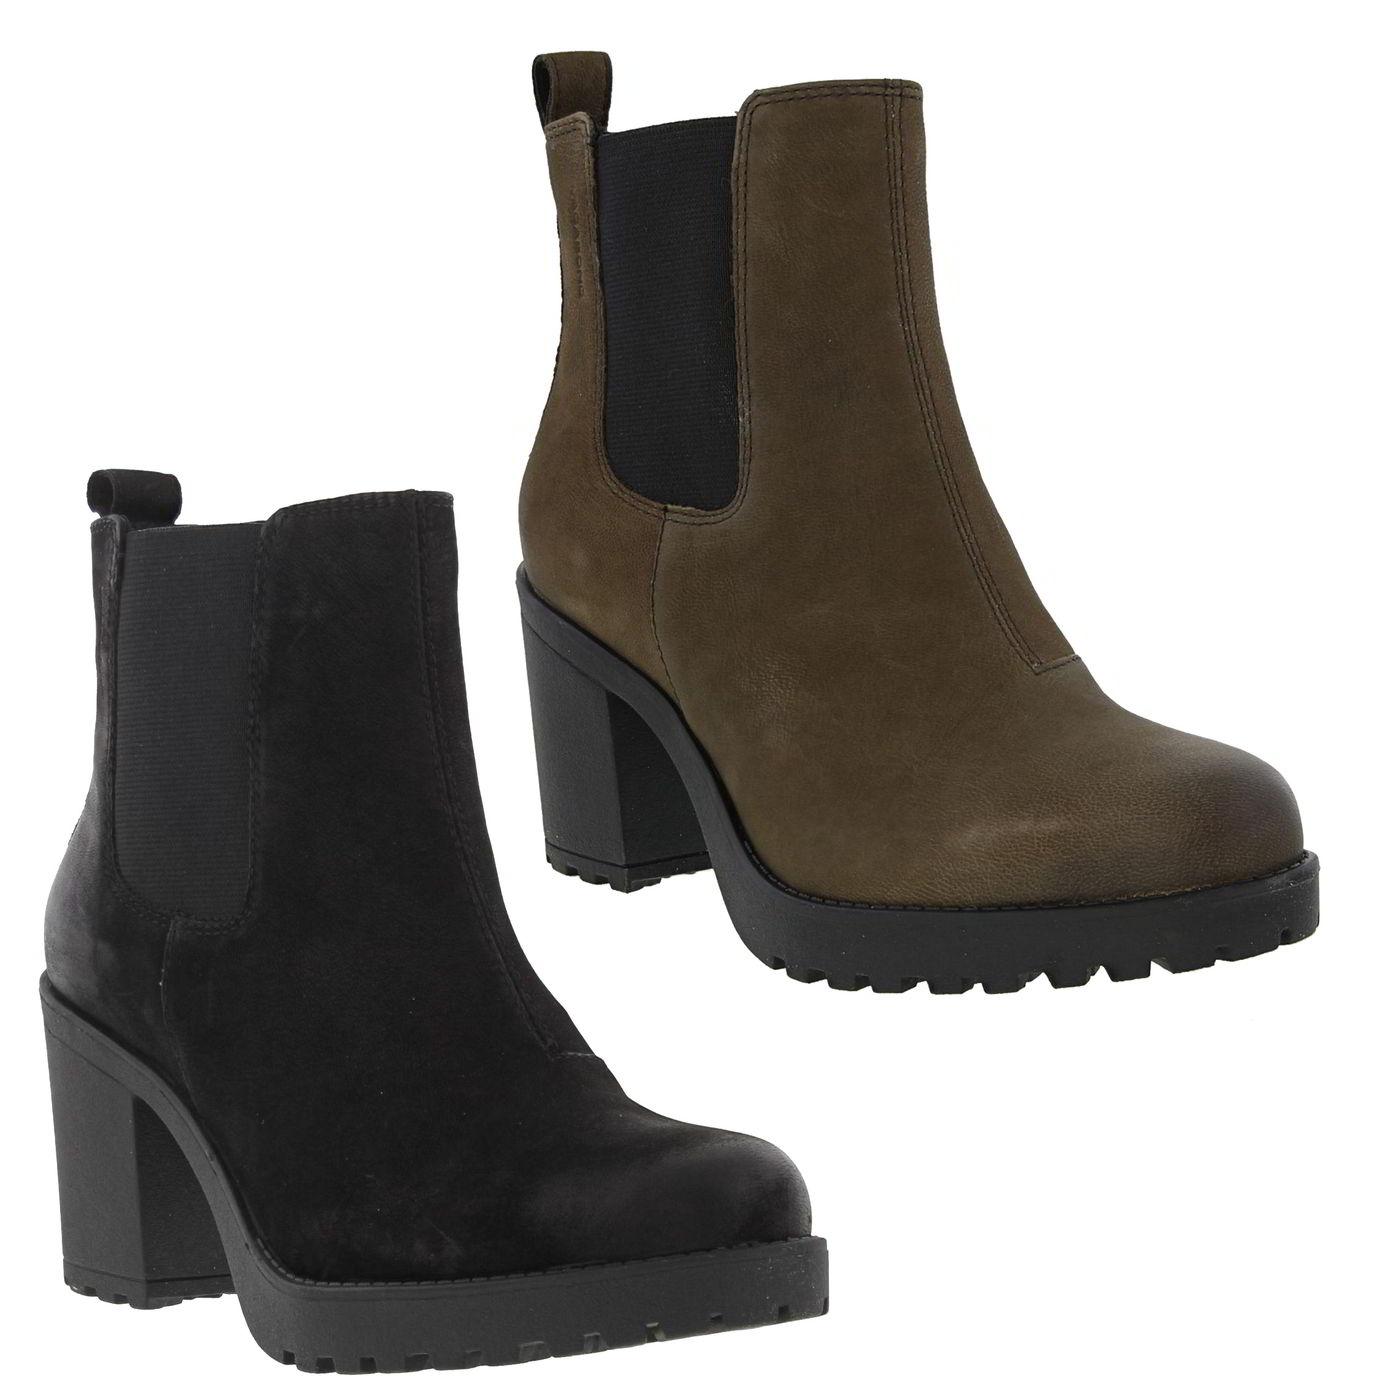 Vagabond Black Chelsea Boots